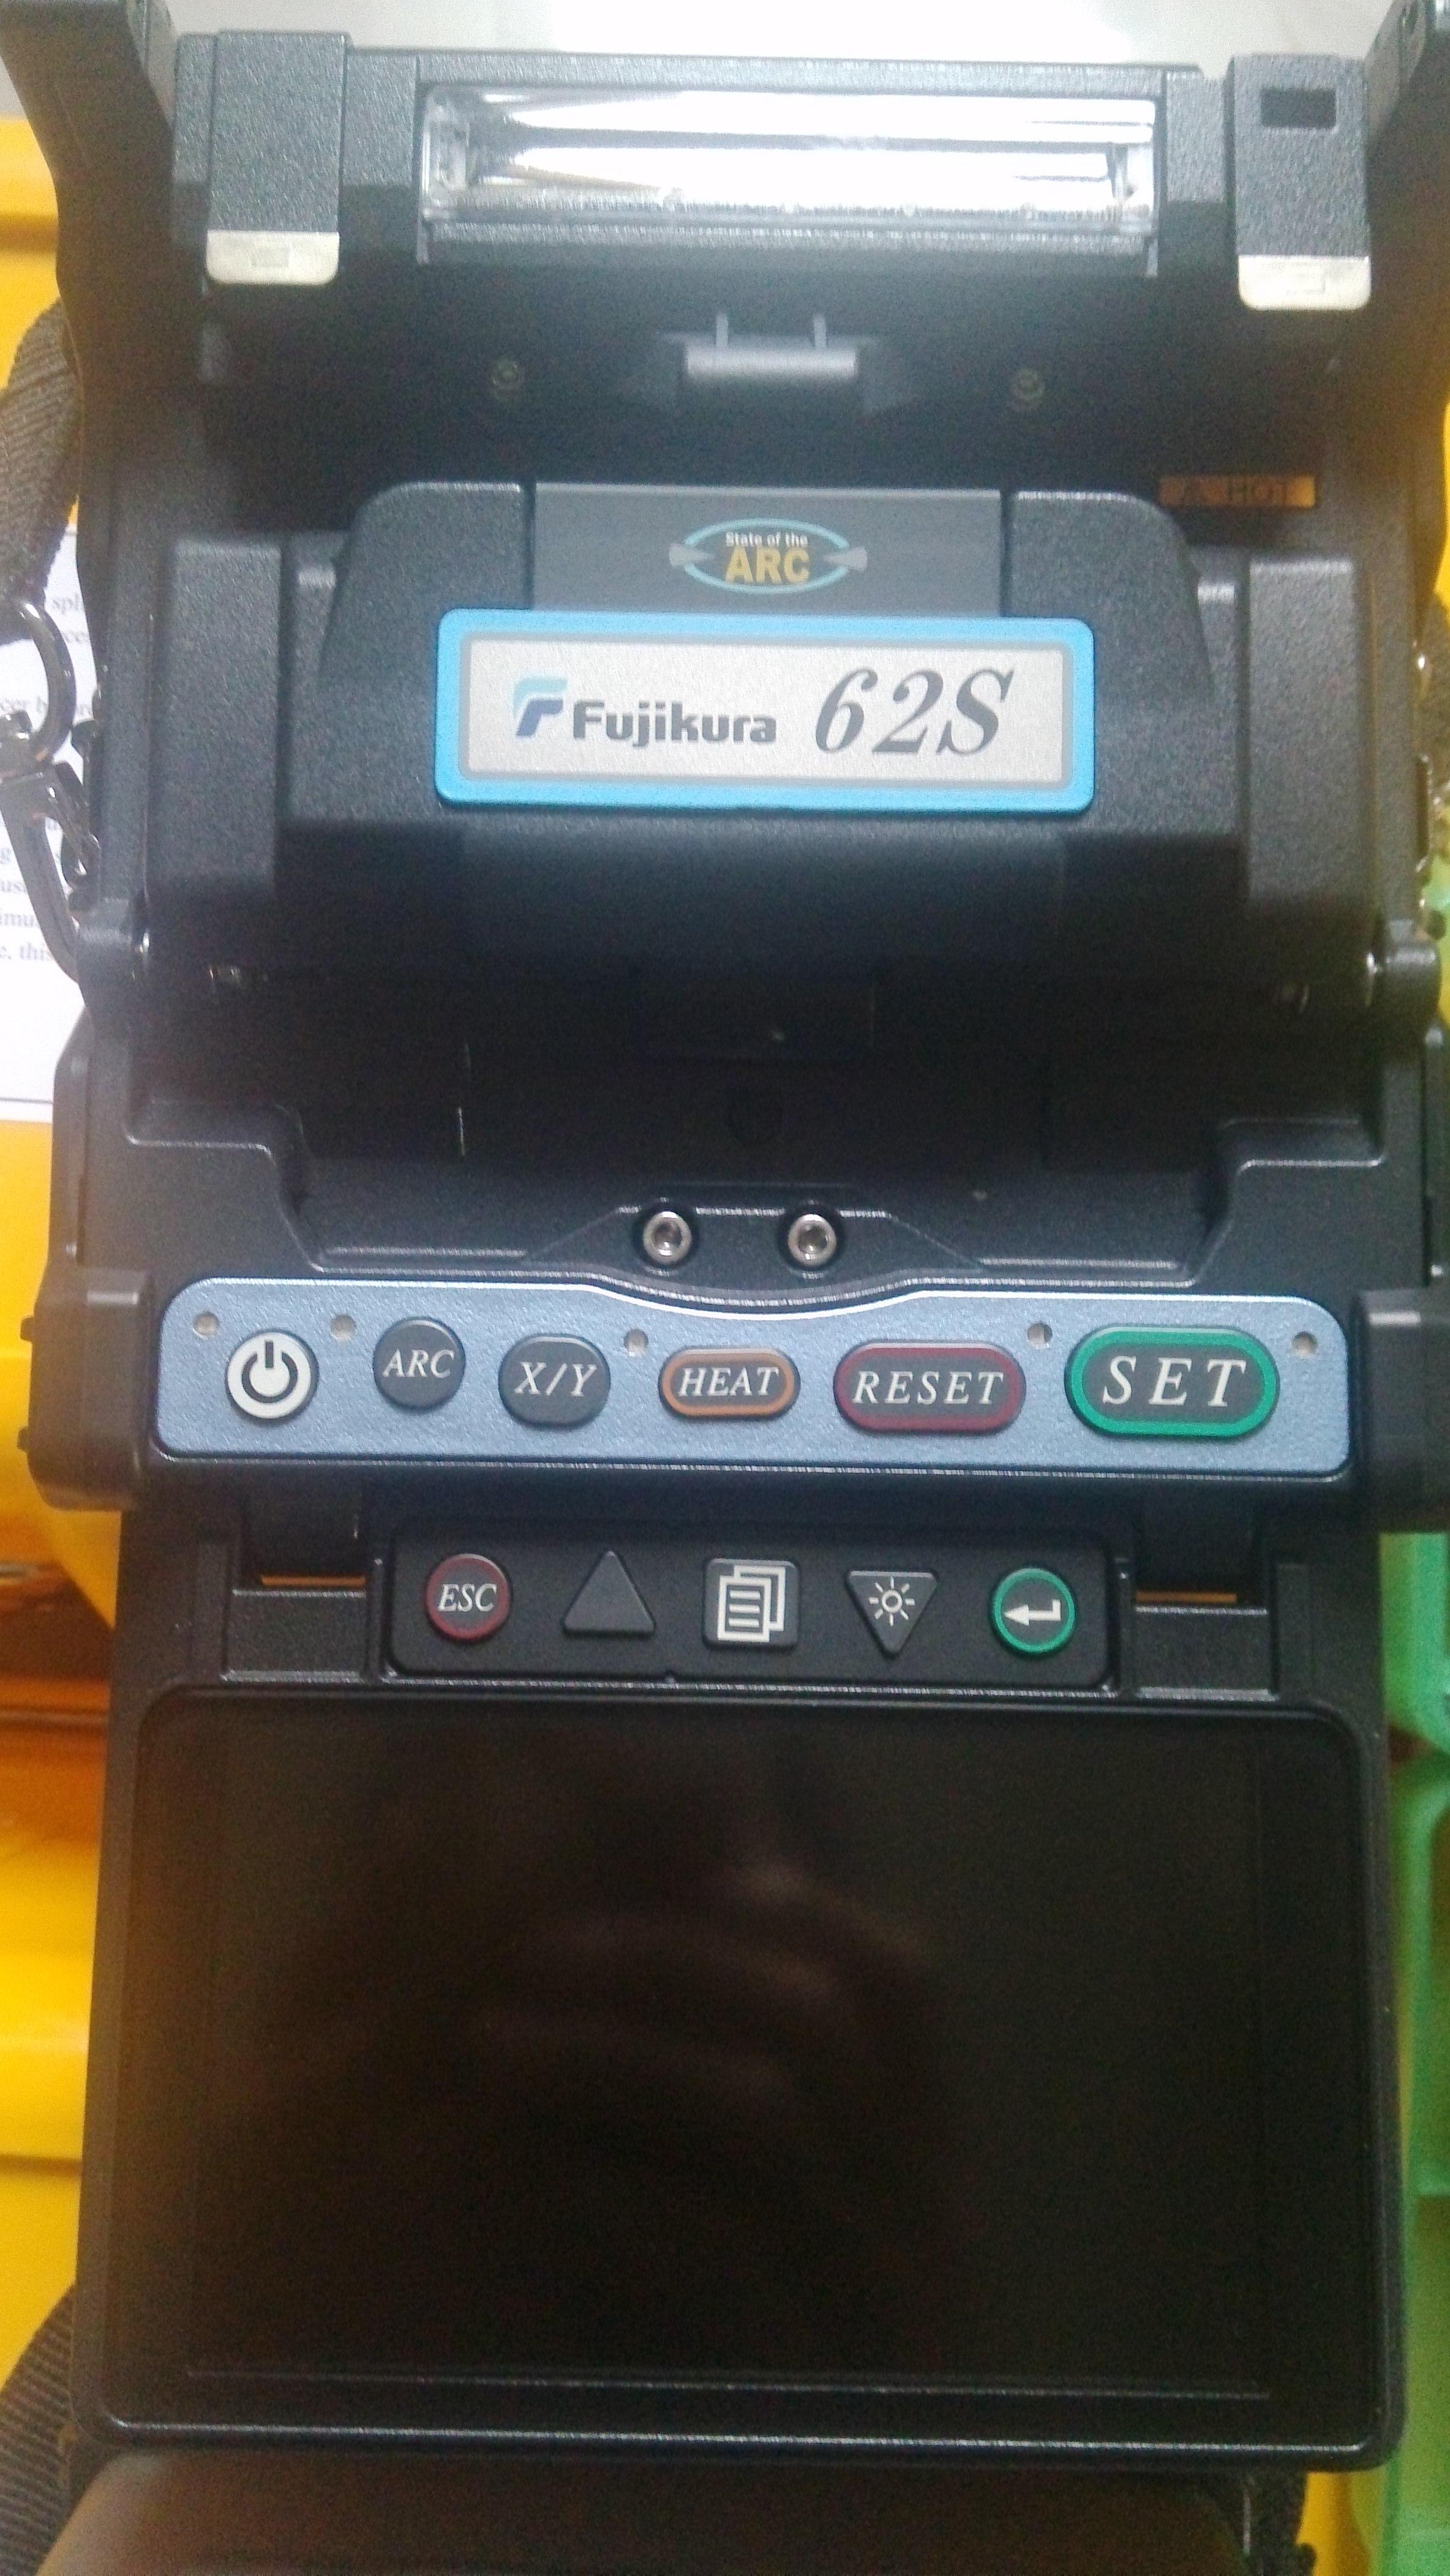 供应用于光纤熔接|光缆抢修|光纤入户的潜江市藤仓62s光纤熔接机专卖